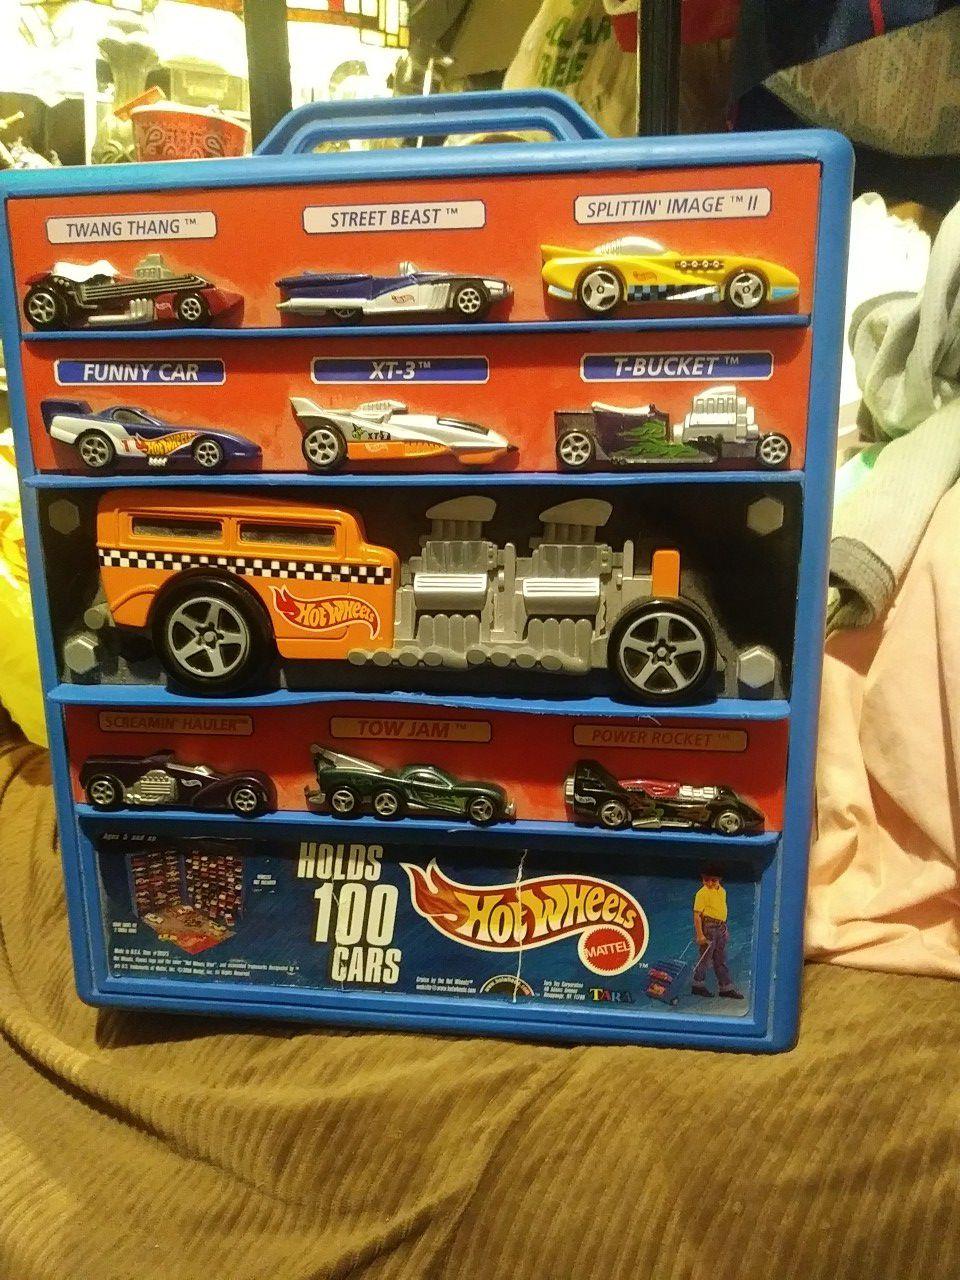 Hotwheels 100 car carrying case